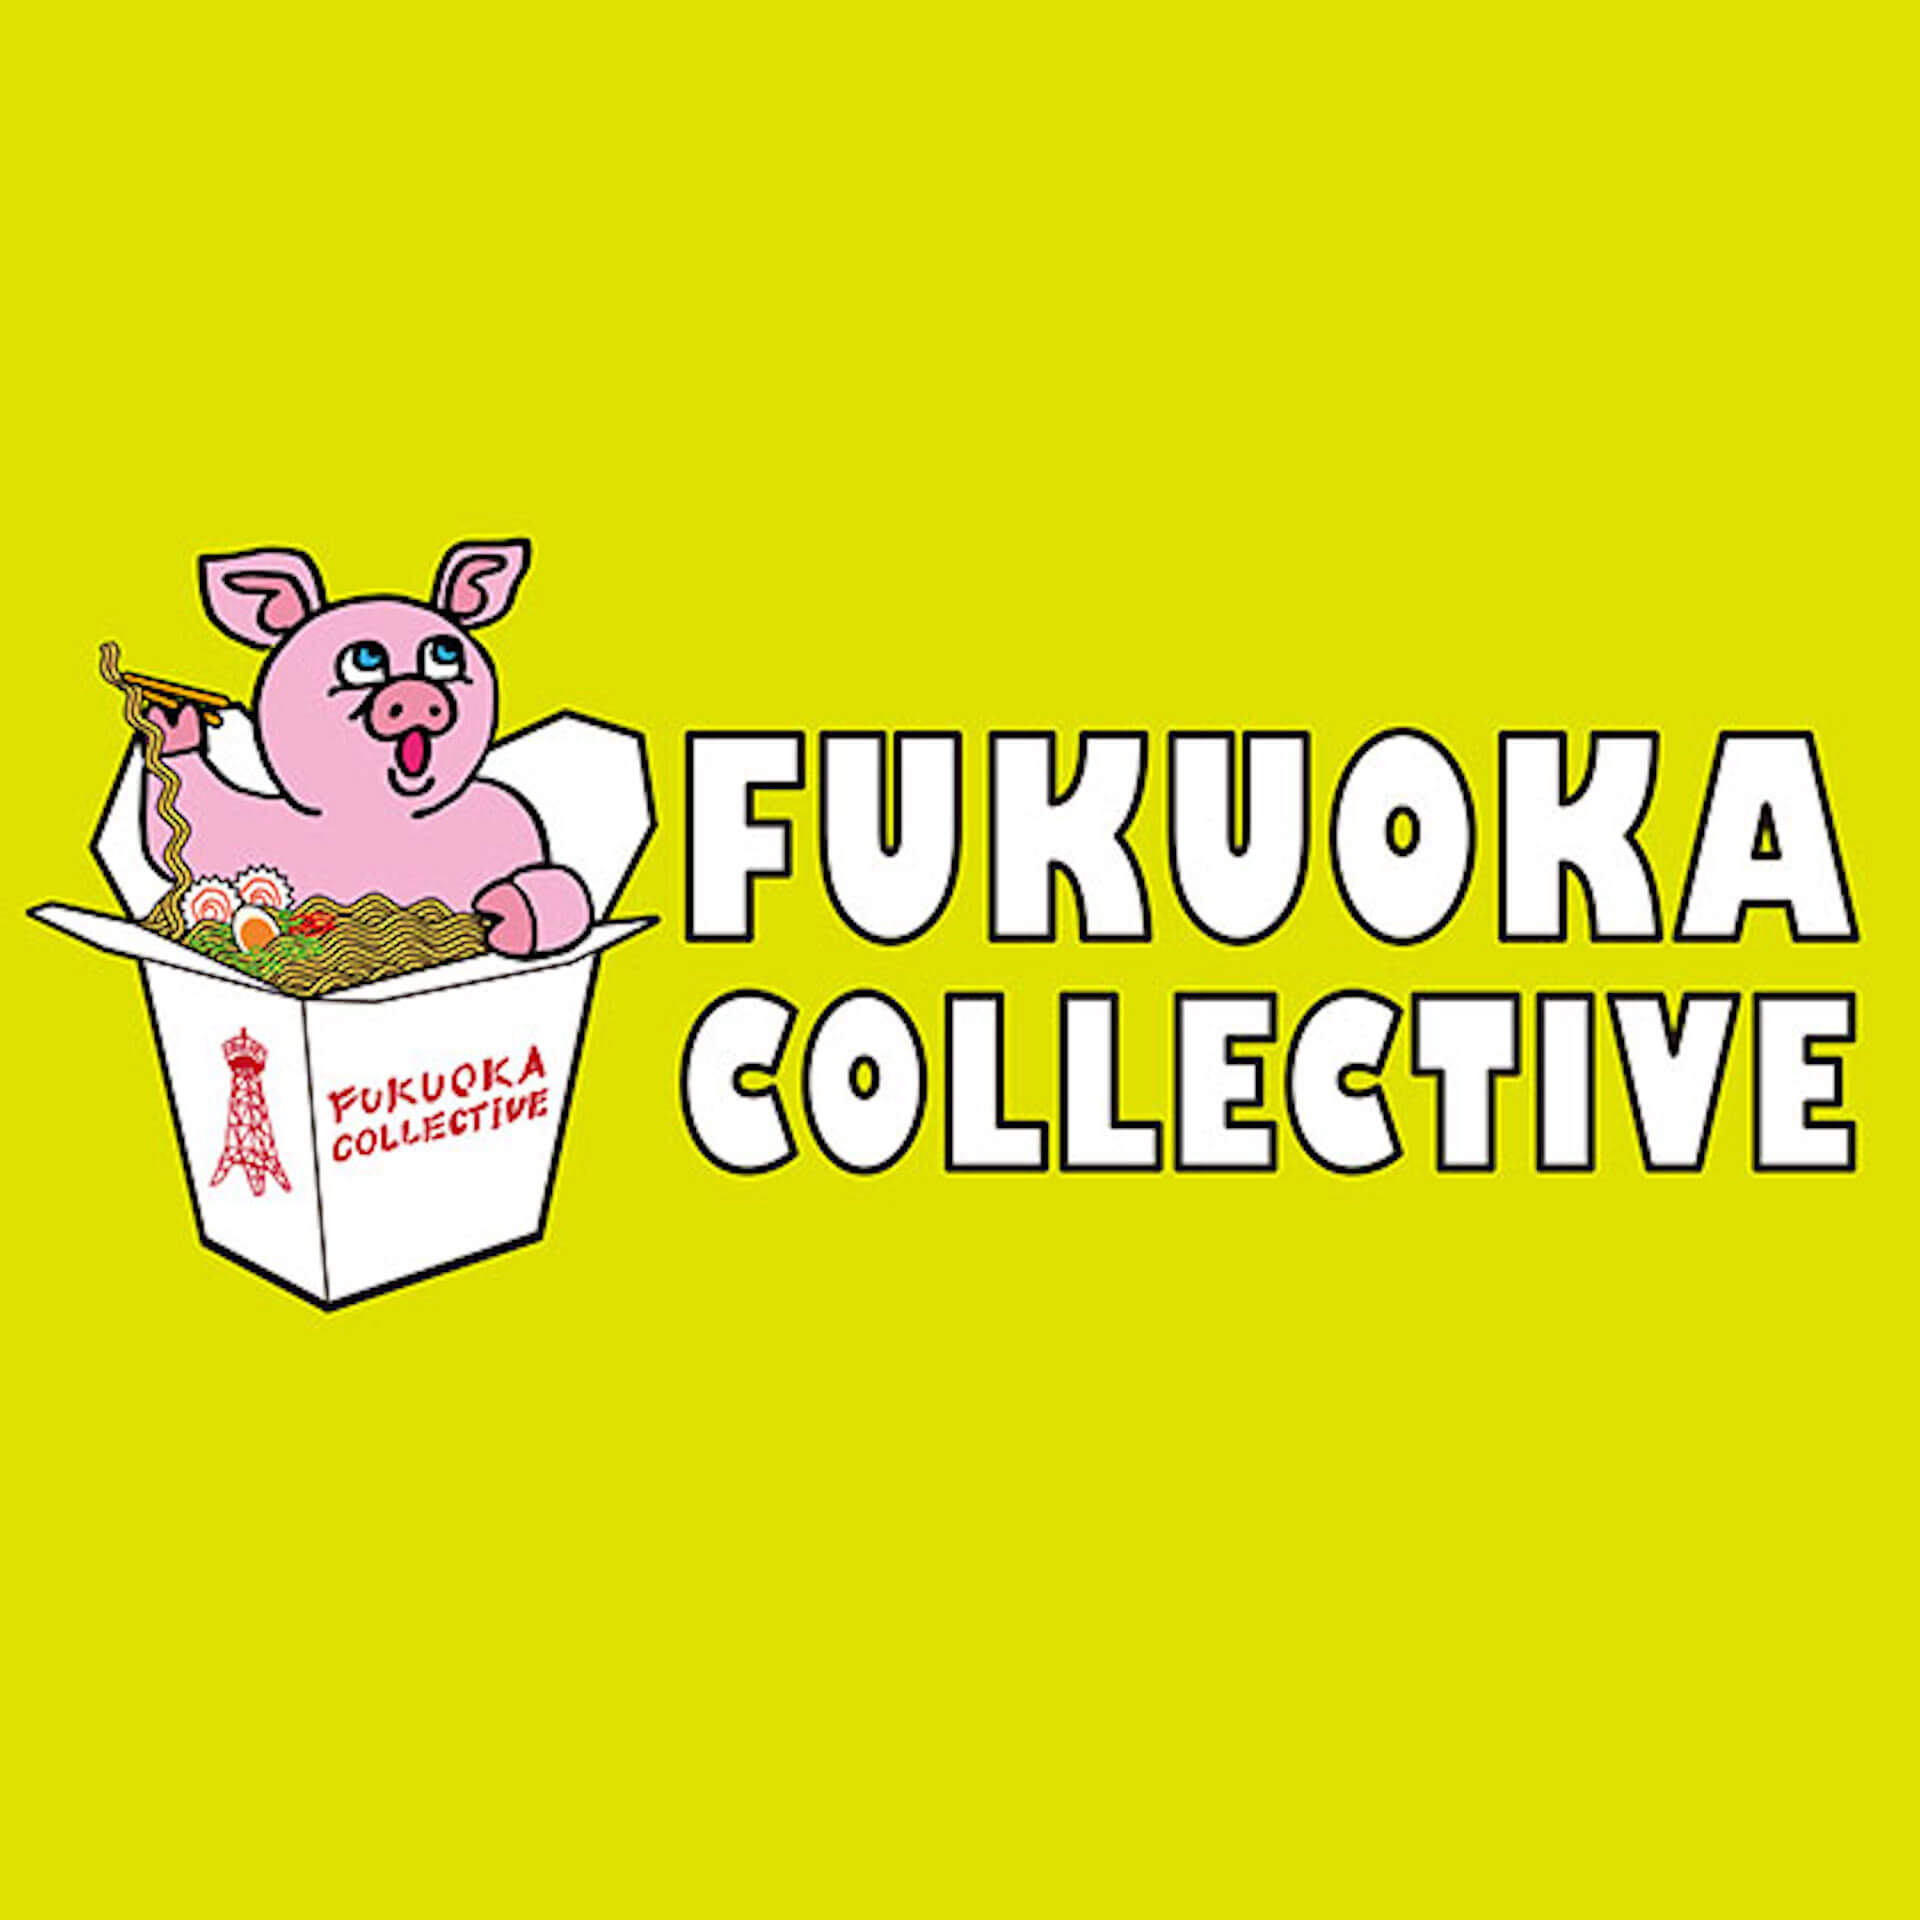 福岡の音楽情報が満載のYouTube番組『FUKUOKA COLLECTIVE』Season2がスタート!Vol.1はONLINE SESSION music200601_fukuoka_collective_01